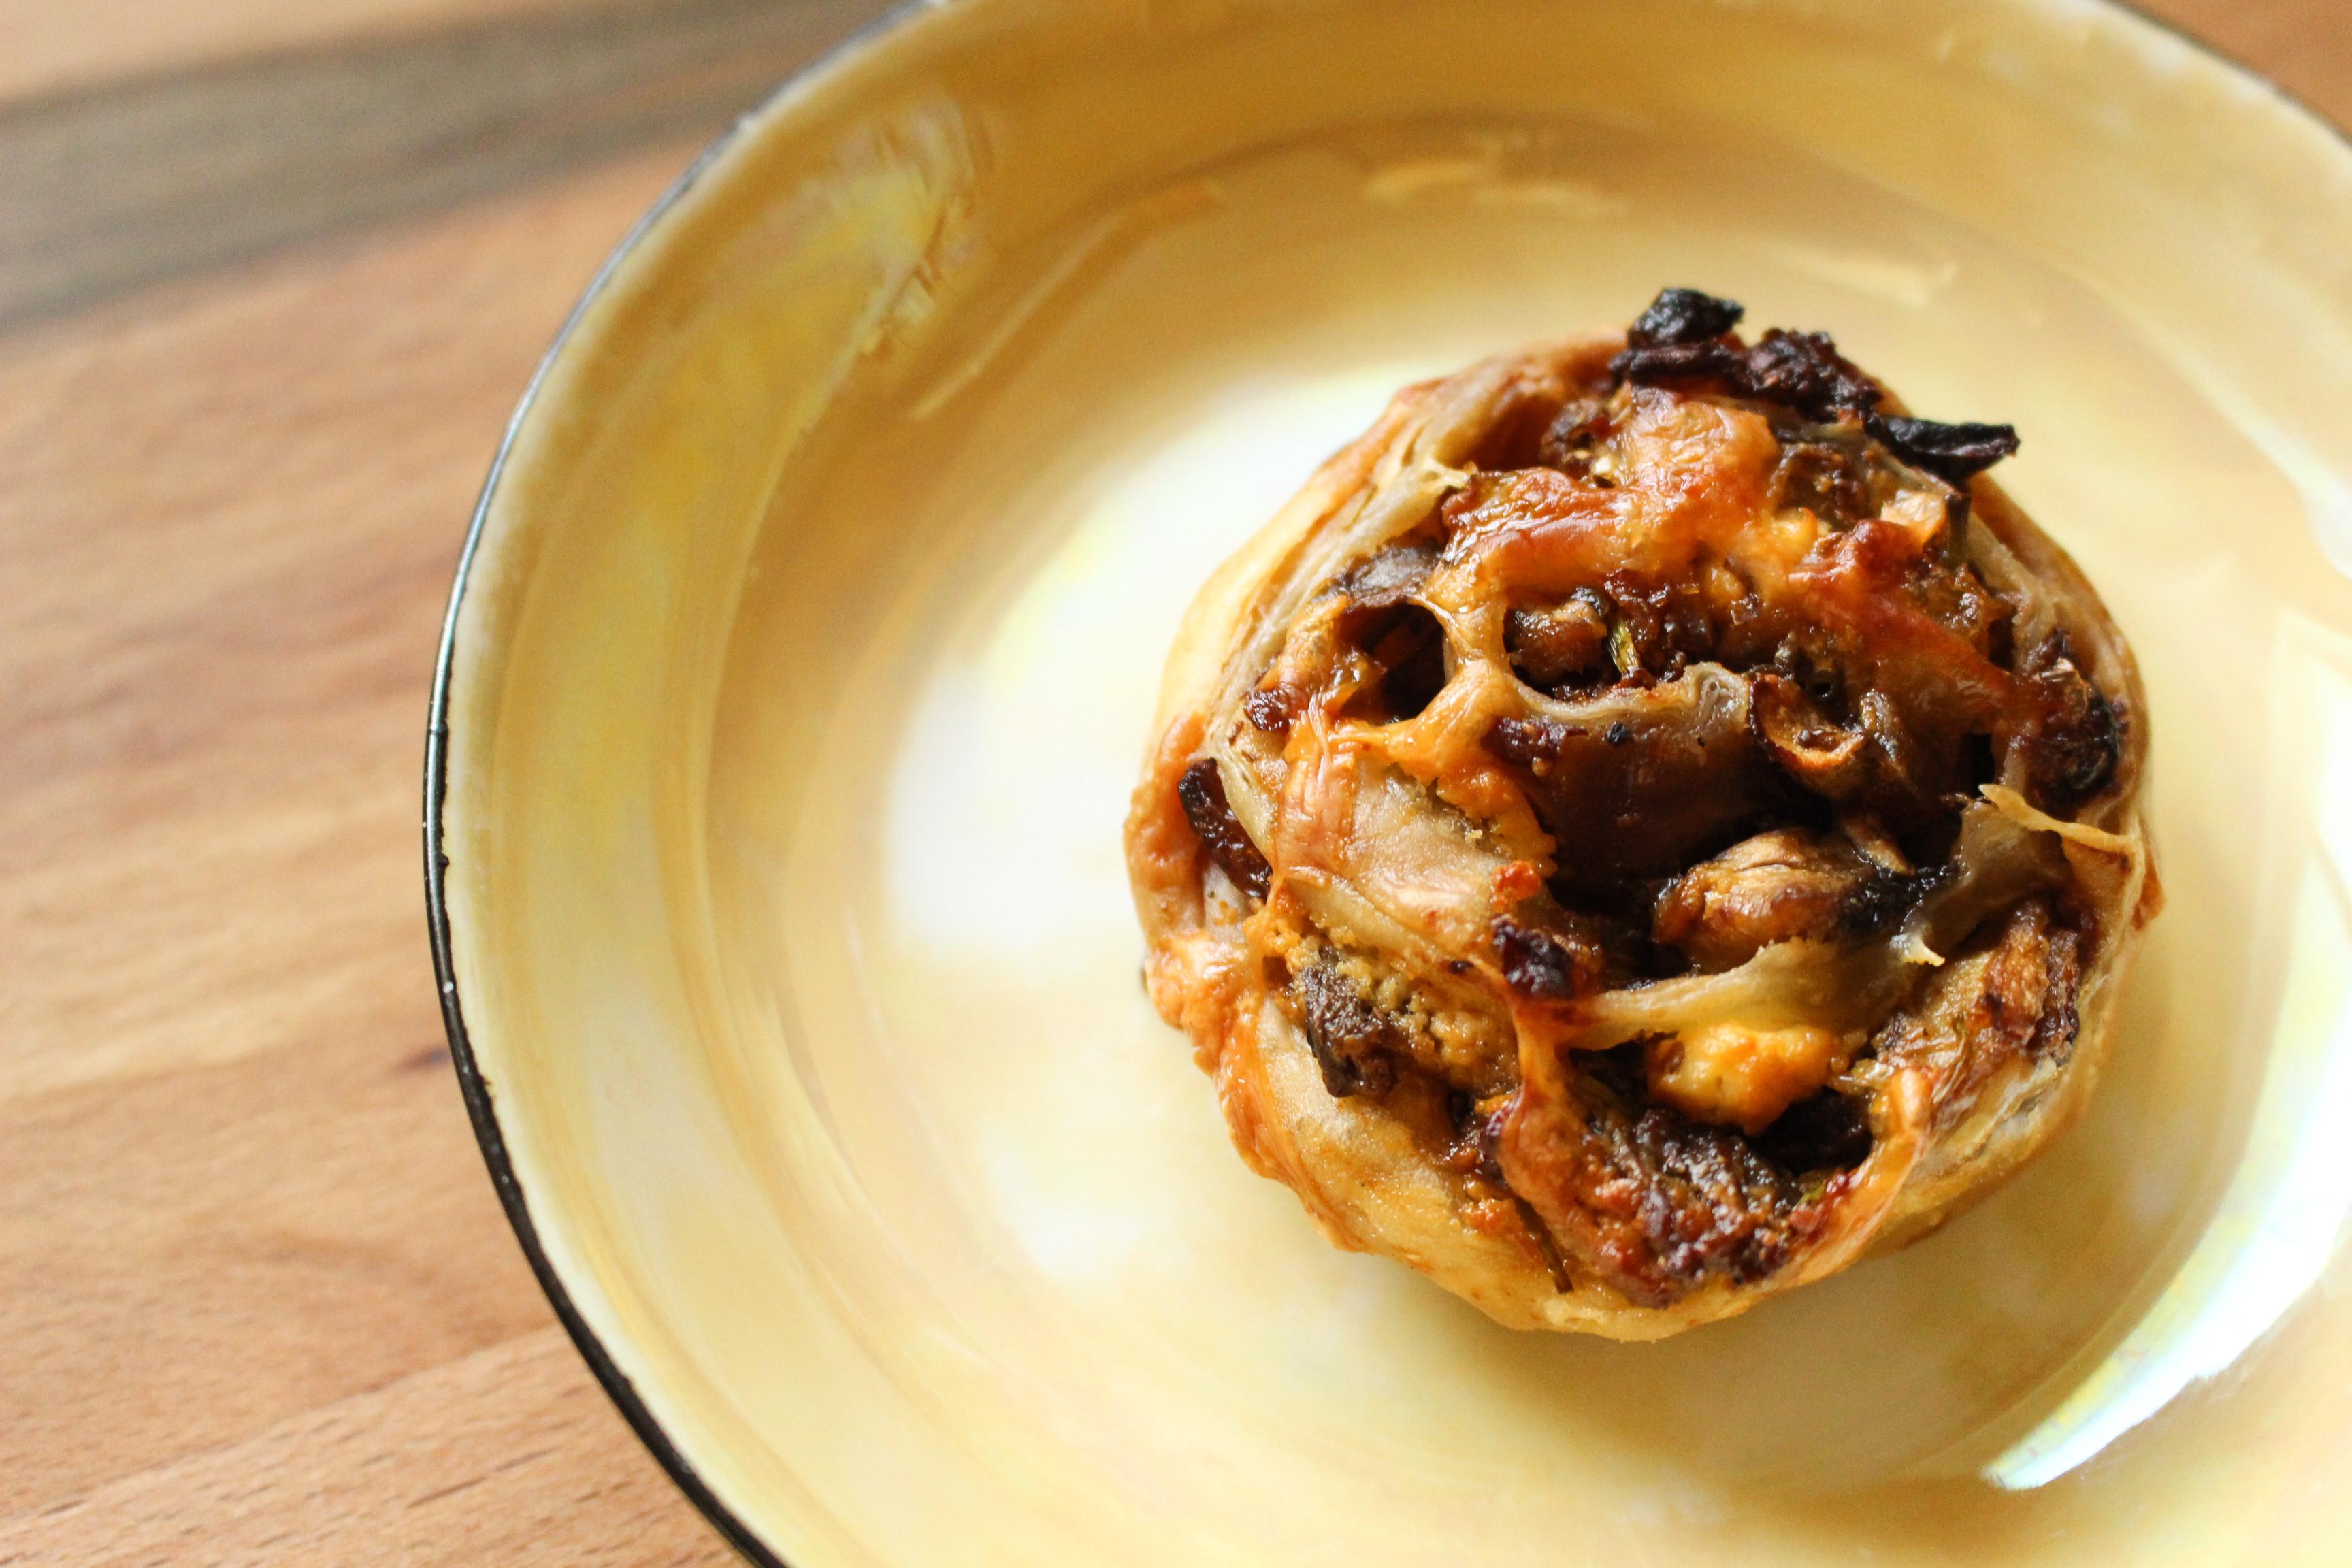 Mushroom Caramelized Onion Tarts - Suzie The Foodie